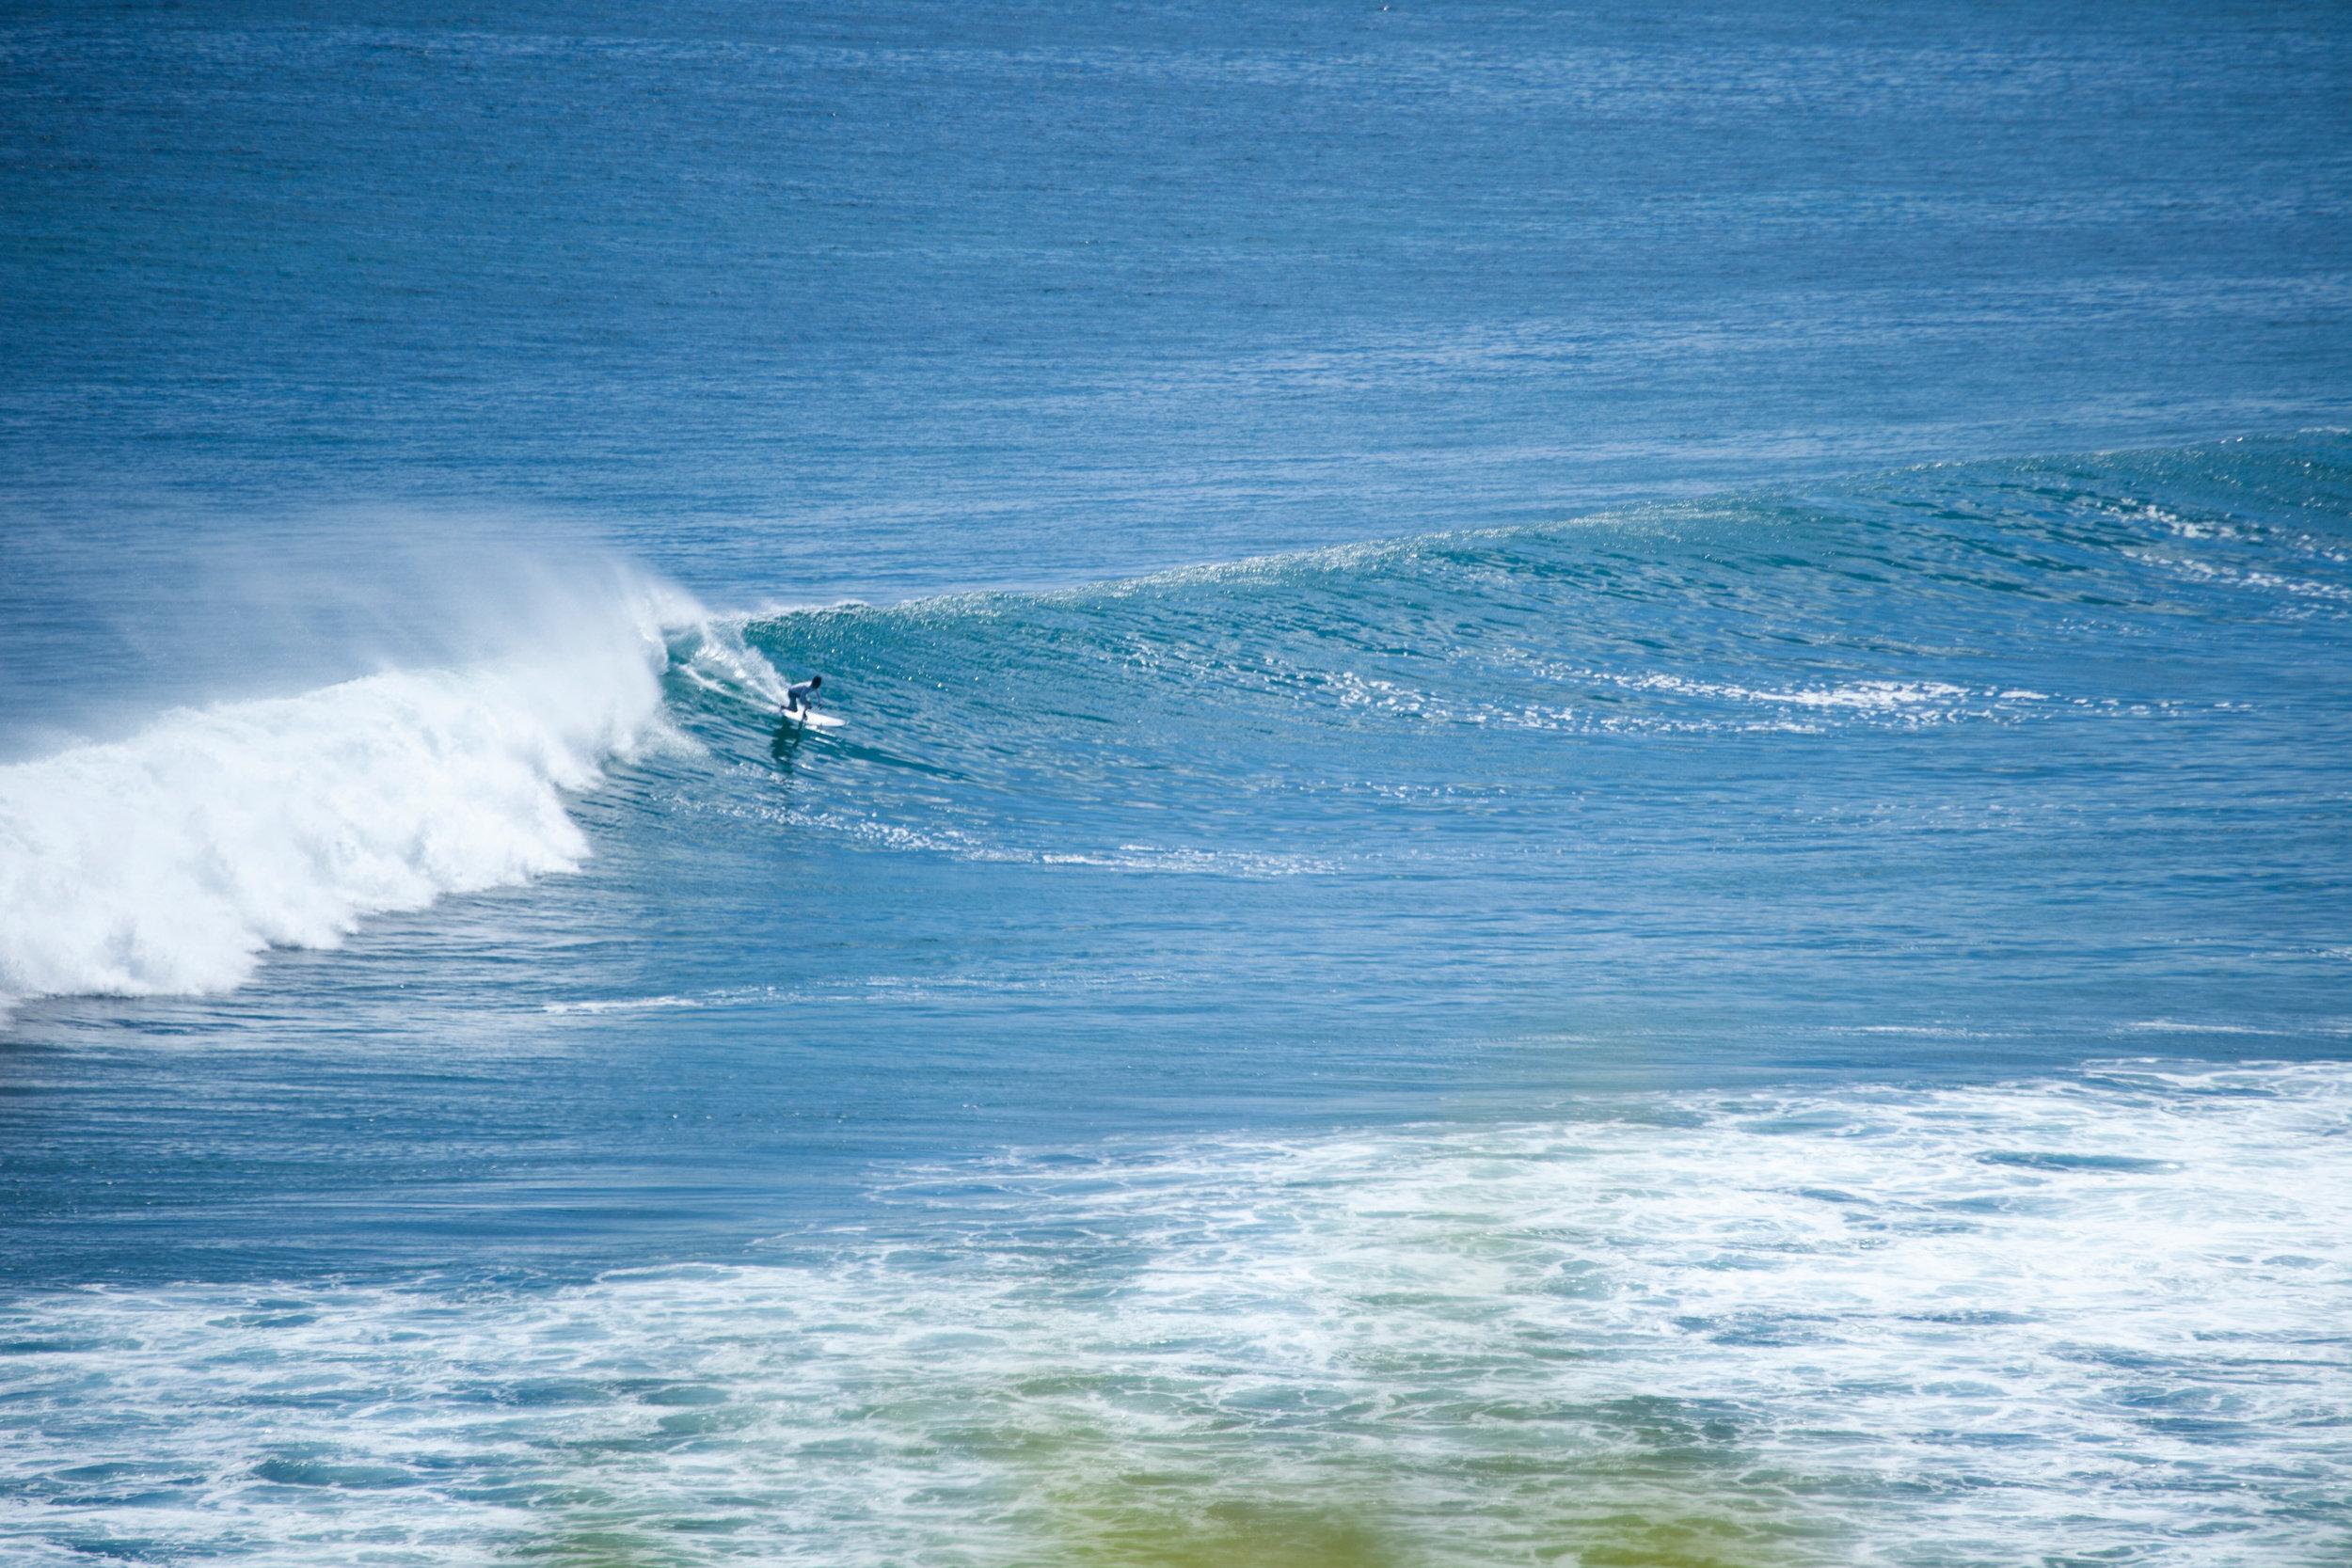 11. Anantara Uluwatu Surfing (3).jpg